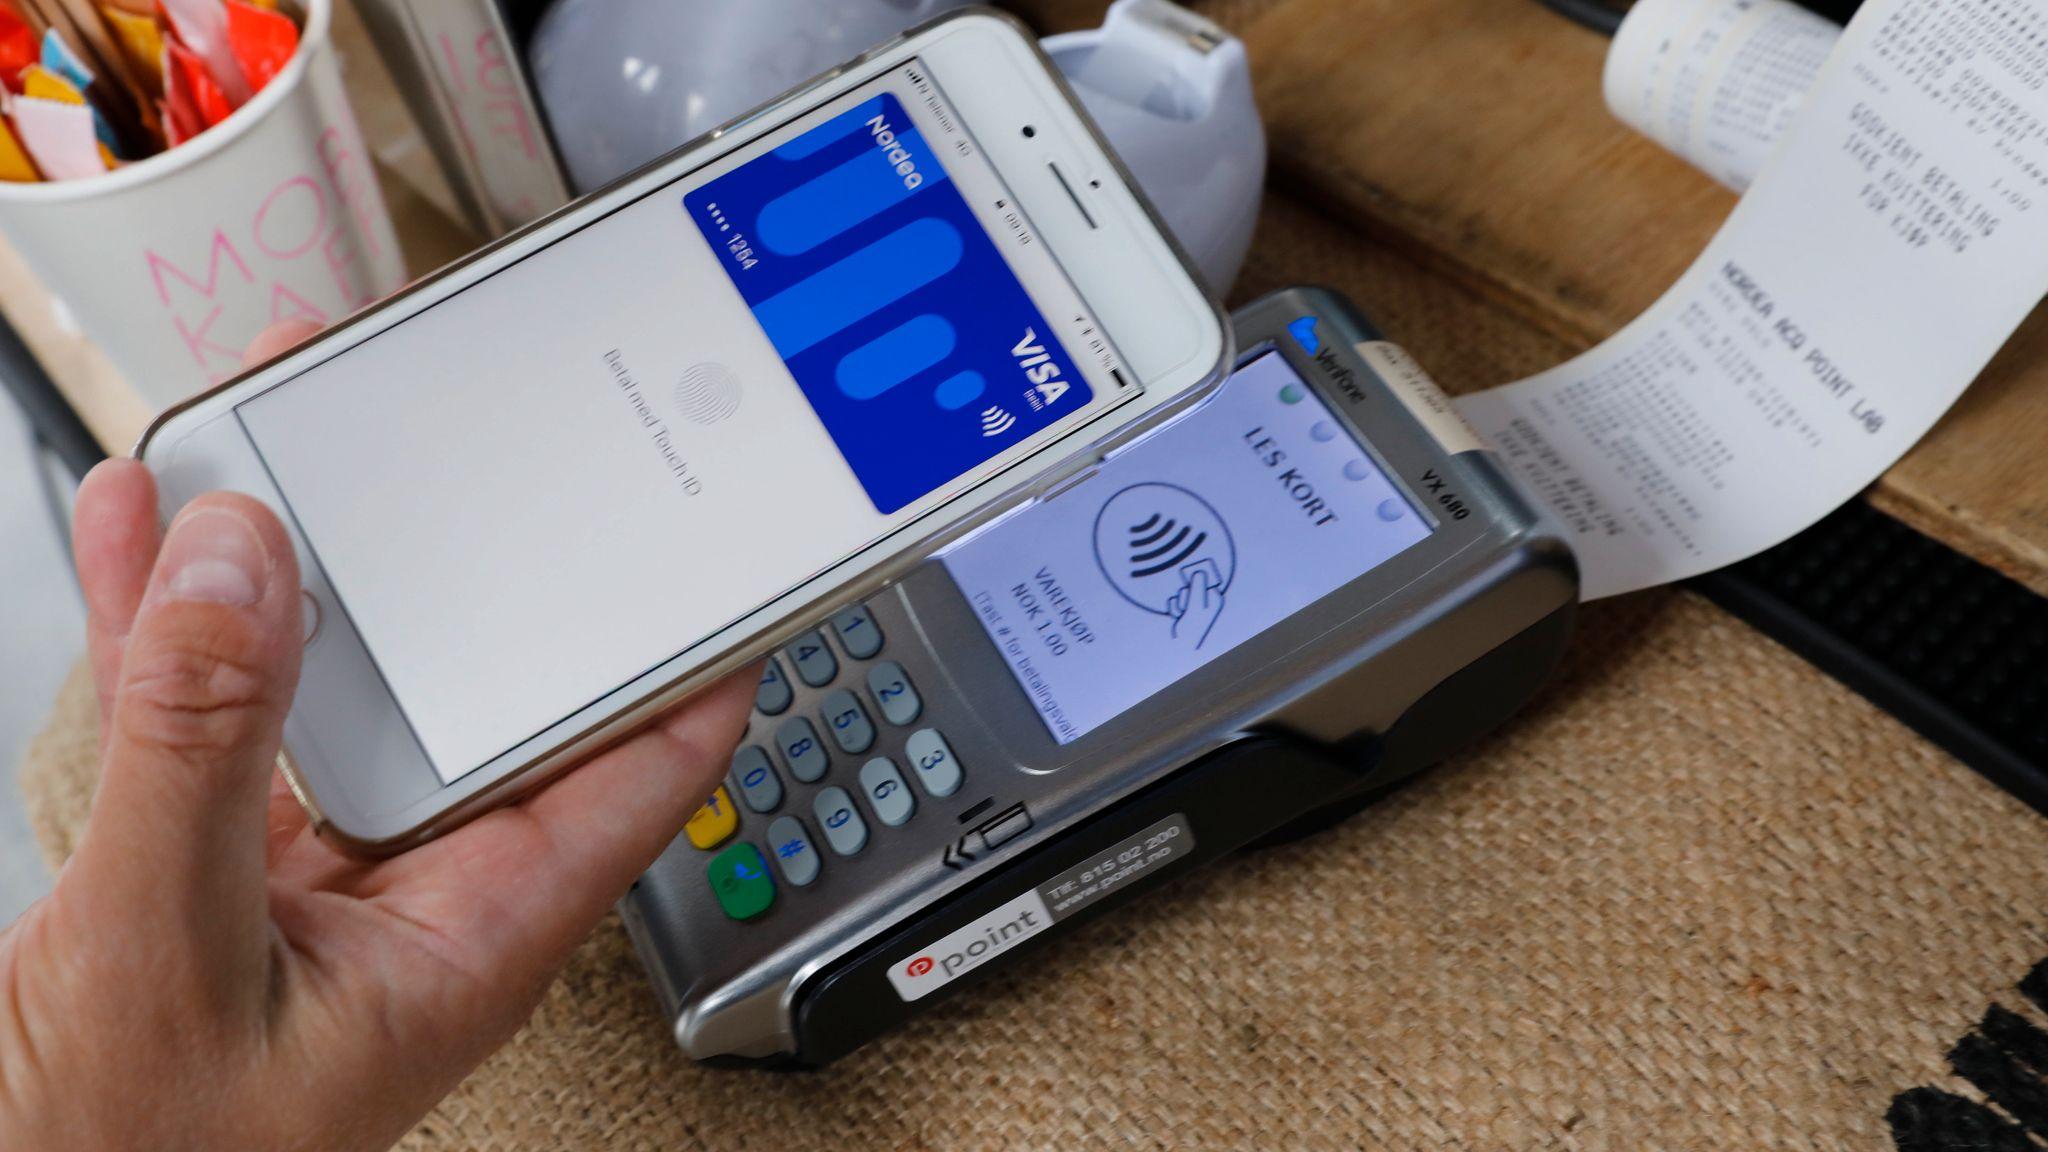 562746a1 Mobilbetaling er bare første steg før mange nye banktjenester ...